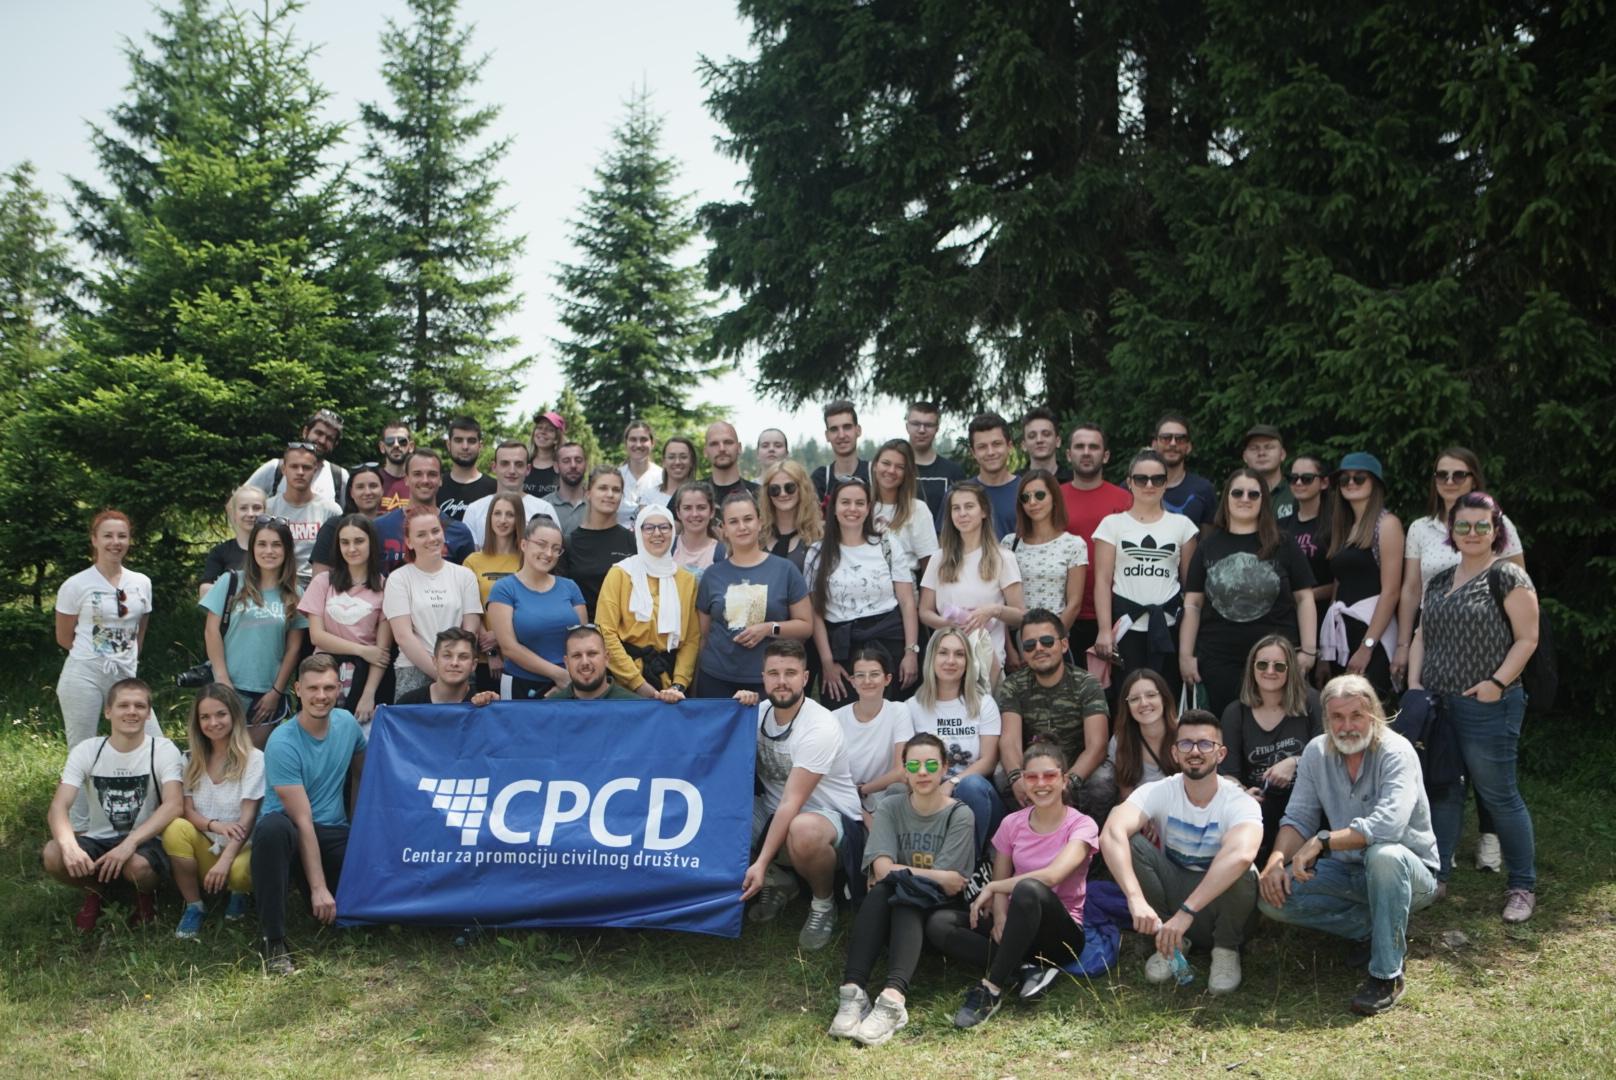 Misli o prirodi!: Ljetni eko kamp okupio oko 60 mladih iz cijele BiH